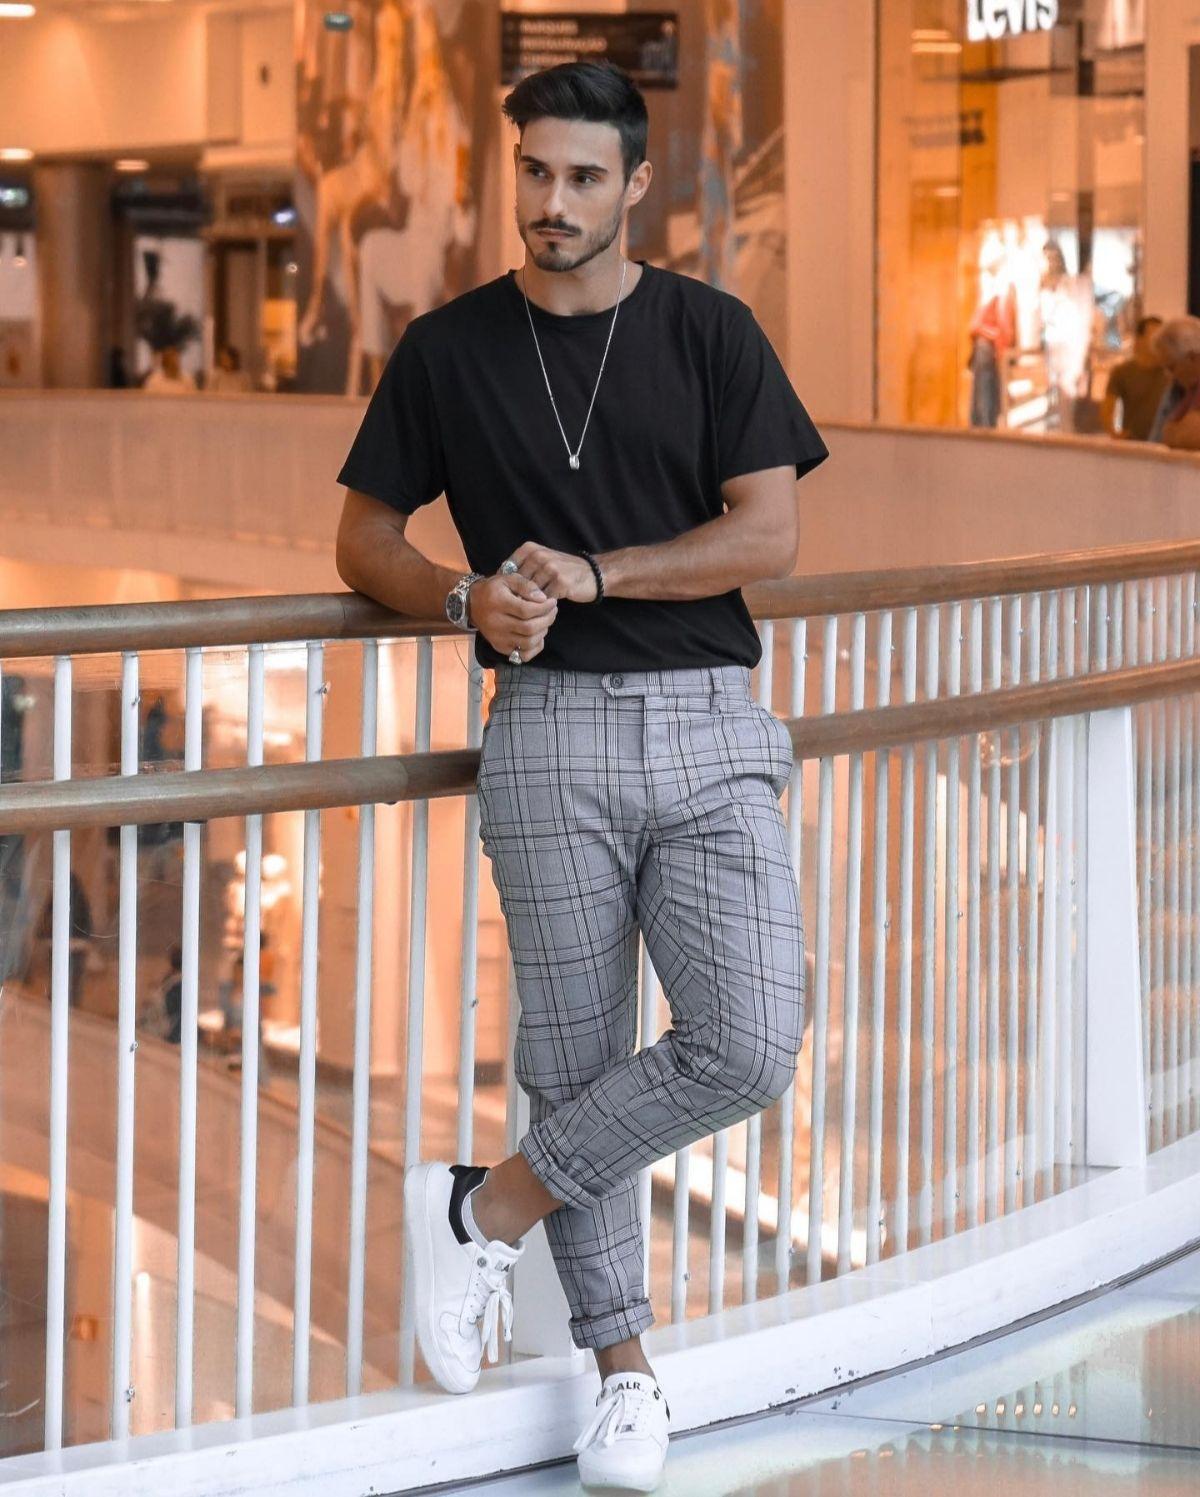 Calças masculinas modelos que estão em alta